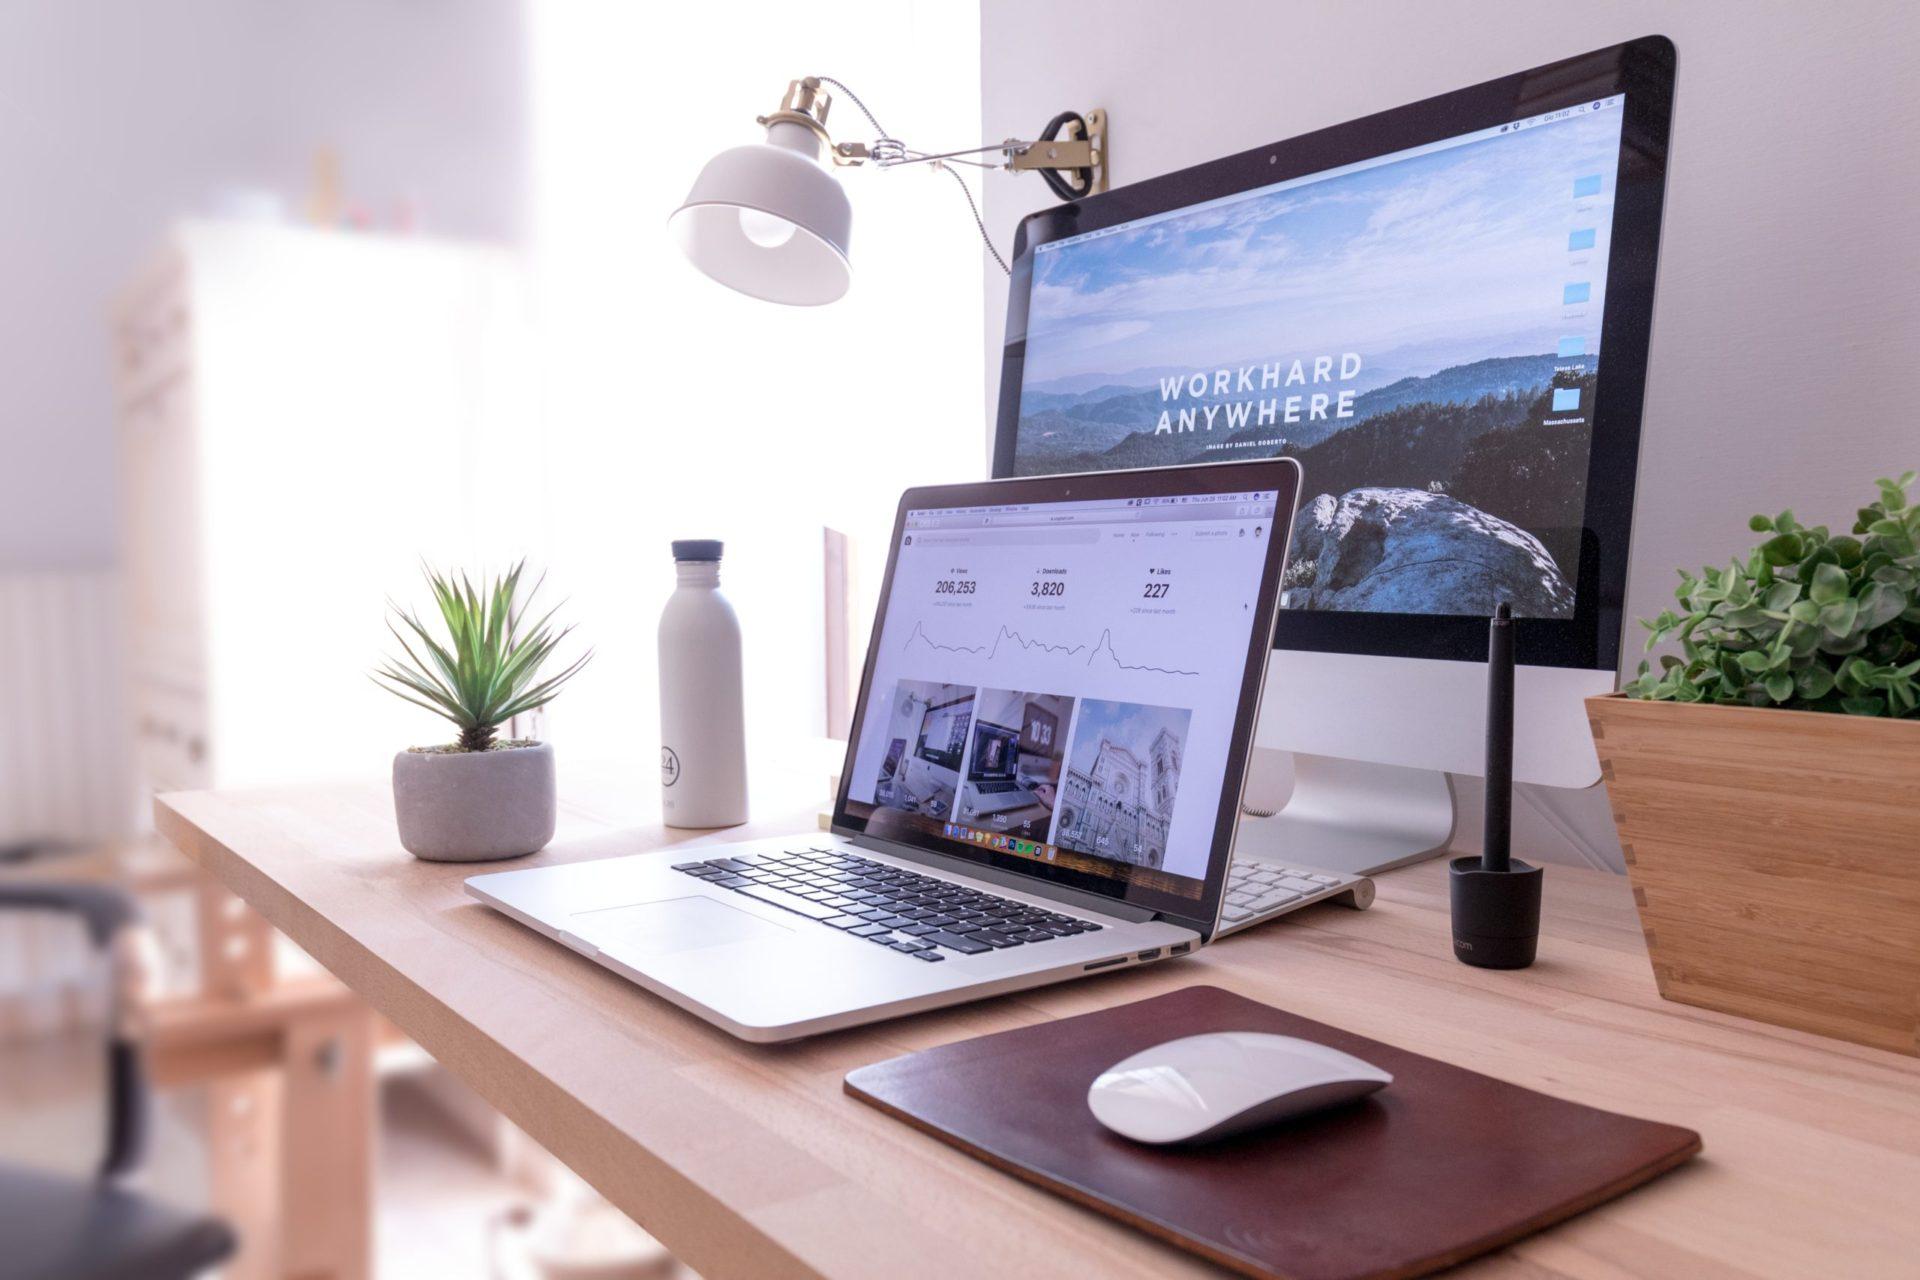 【就労継続支援B型事業所】ブログ運営を作業とすることの6つの理由(メリットを解説)